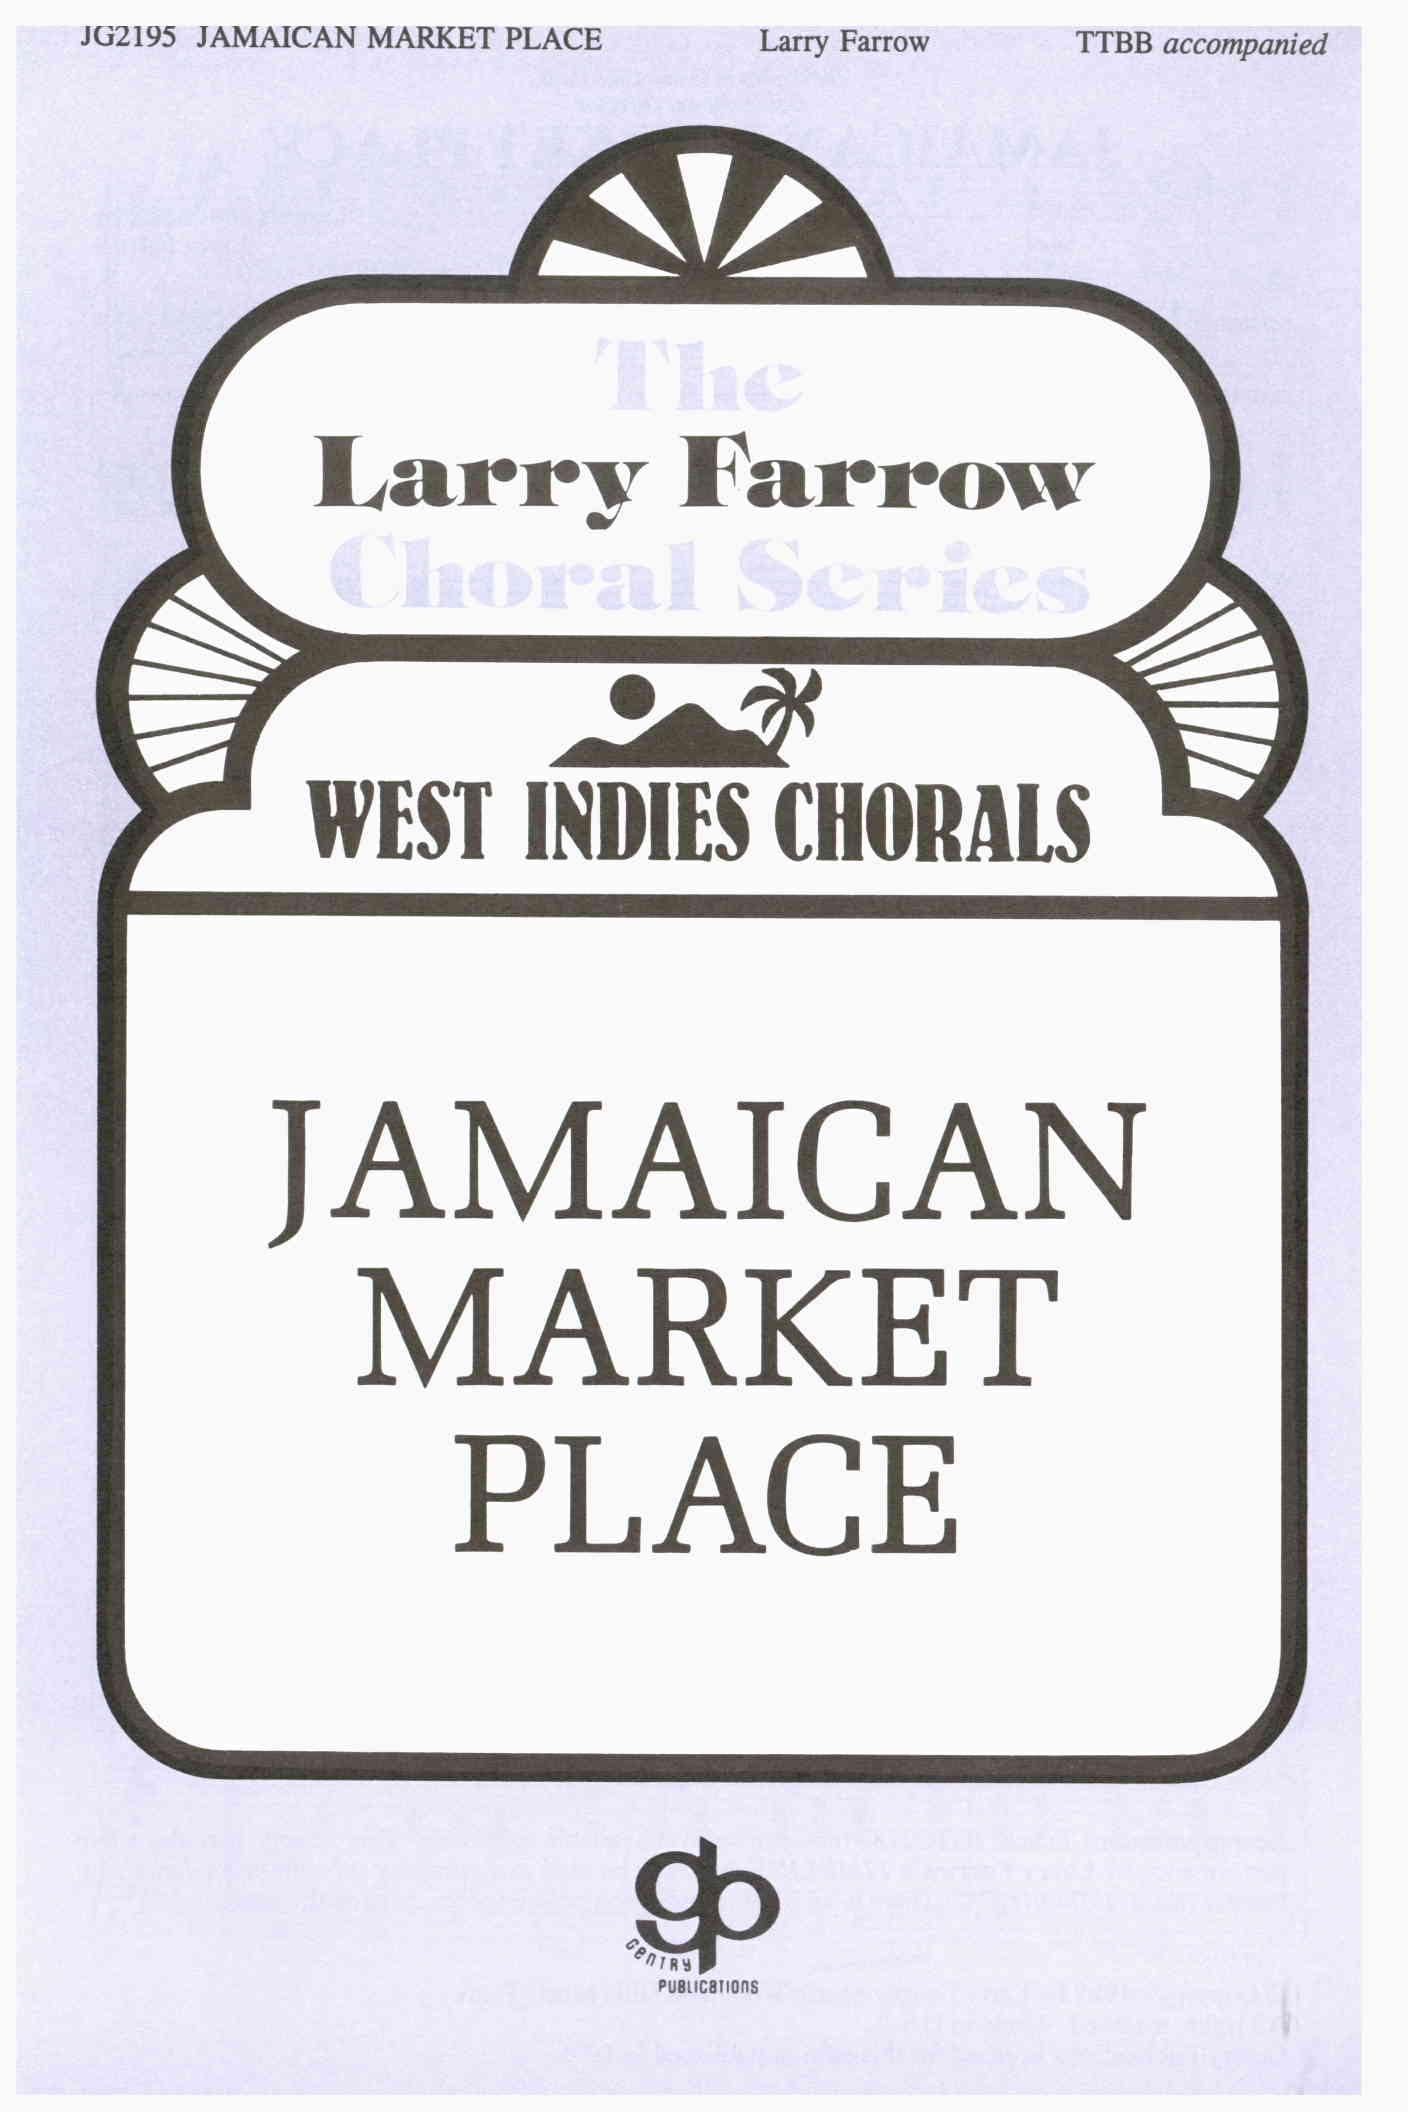 Jamaican Market Place